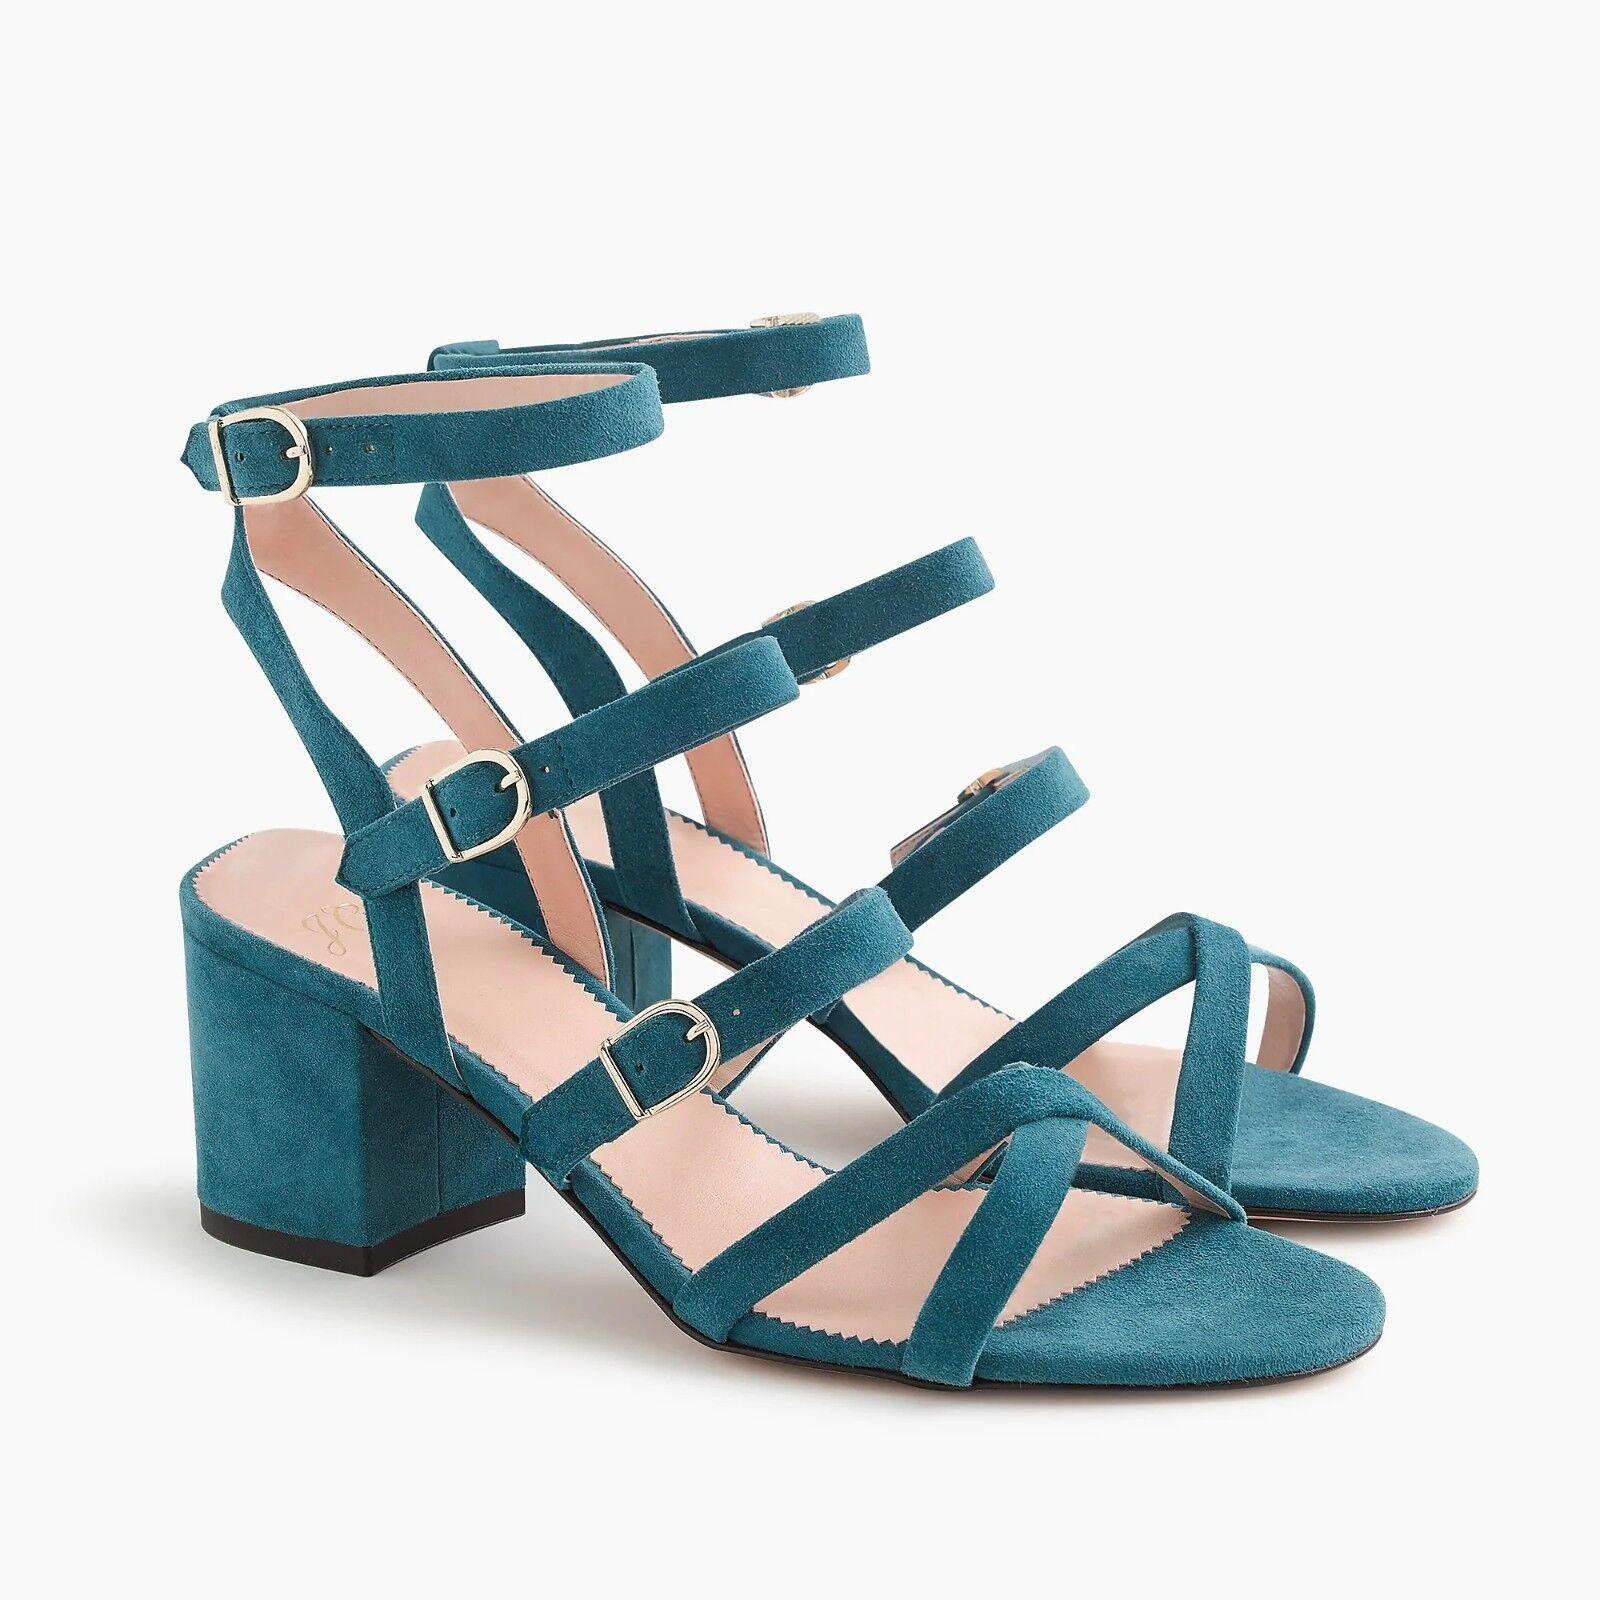 NIB J. Crew Women's Buckled Midheel Sandals in Suede - Deep Twilight - Size 6.5